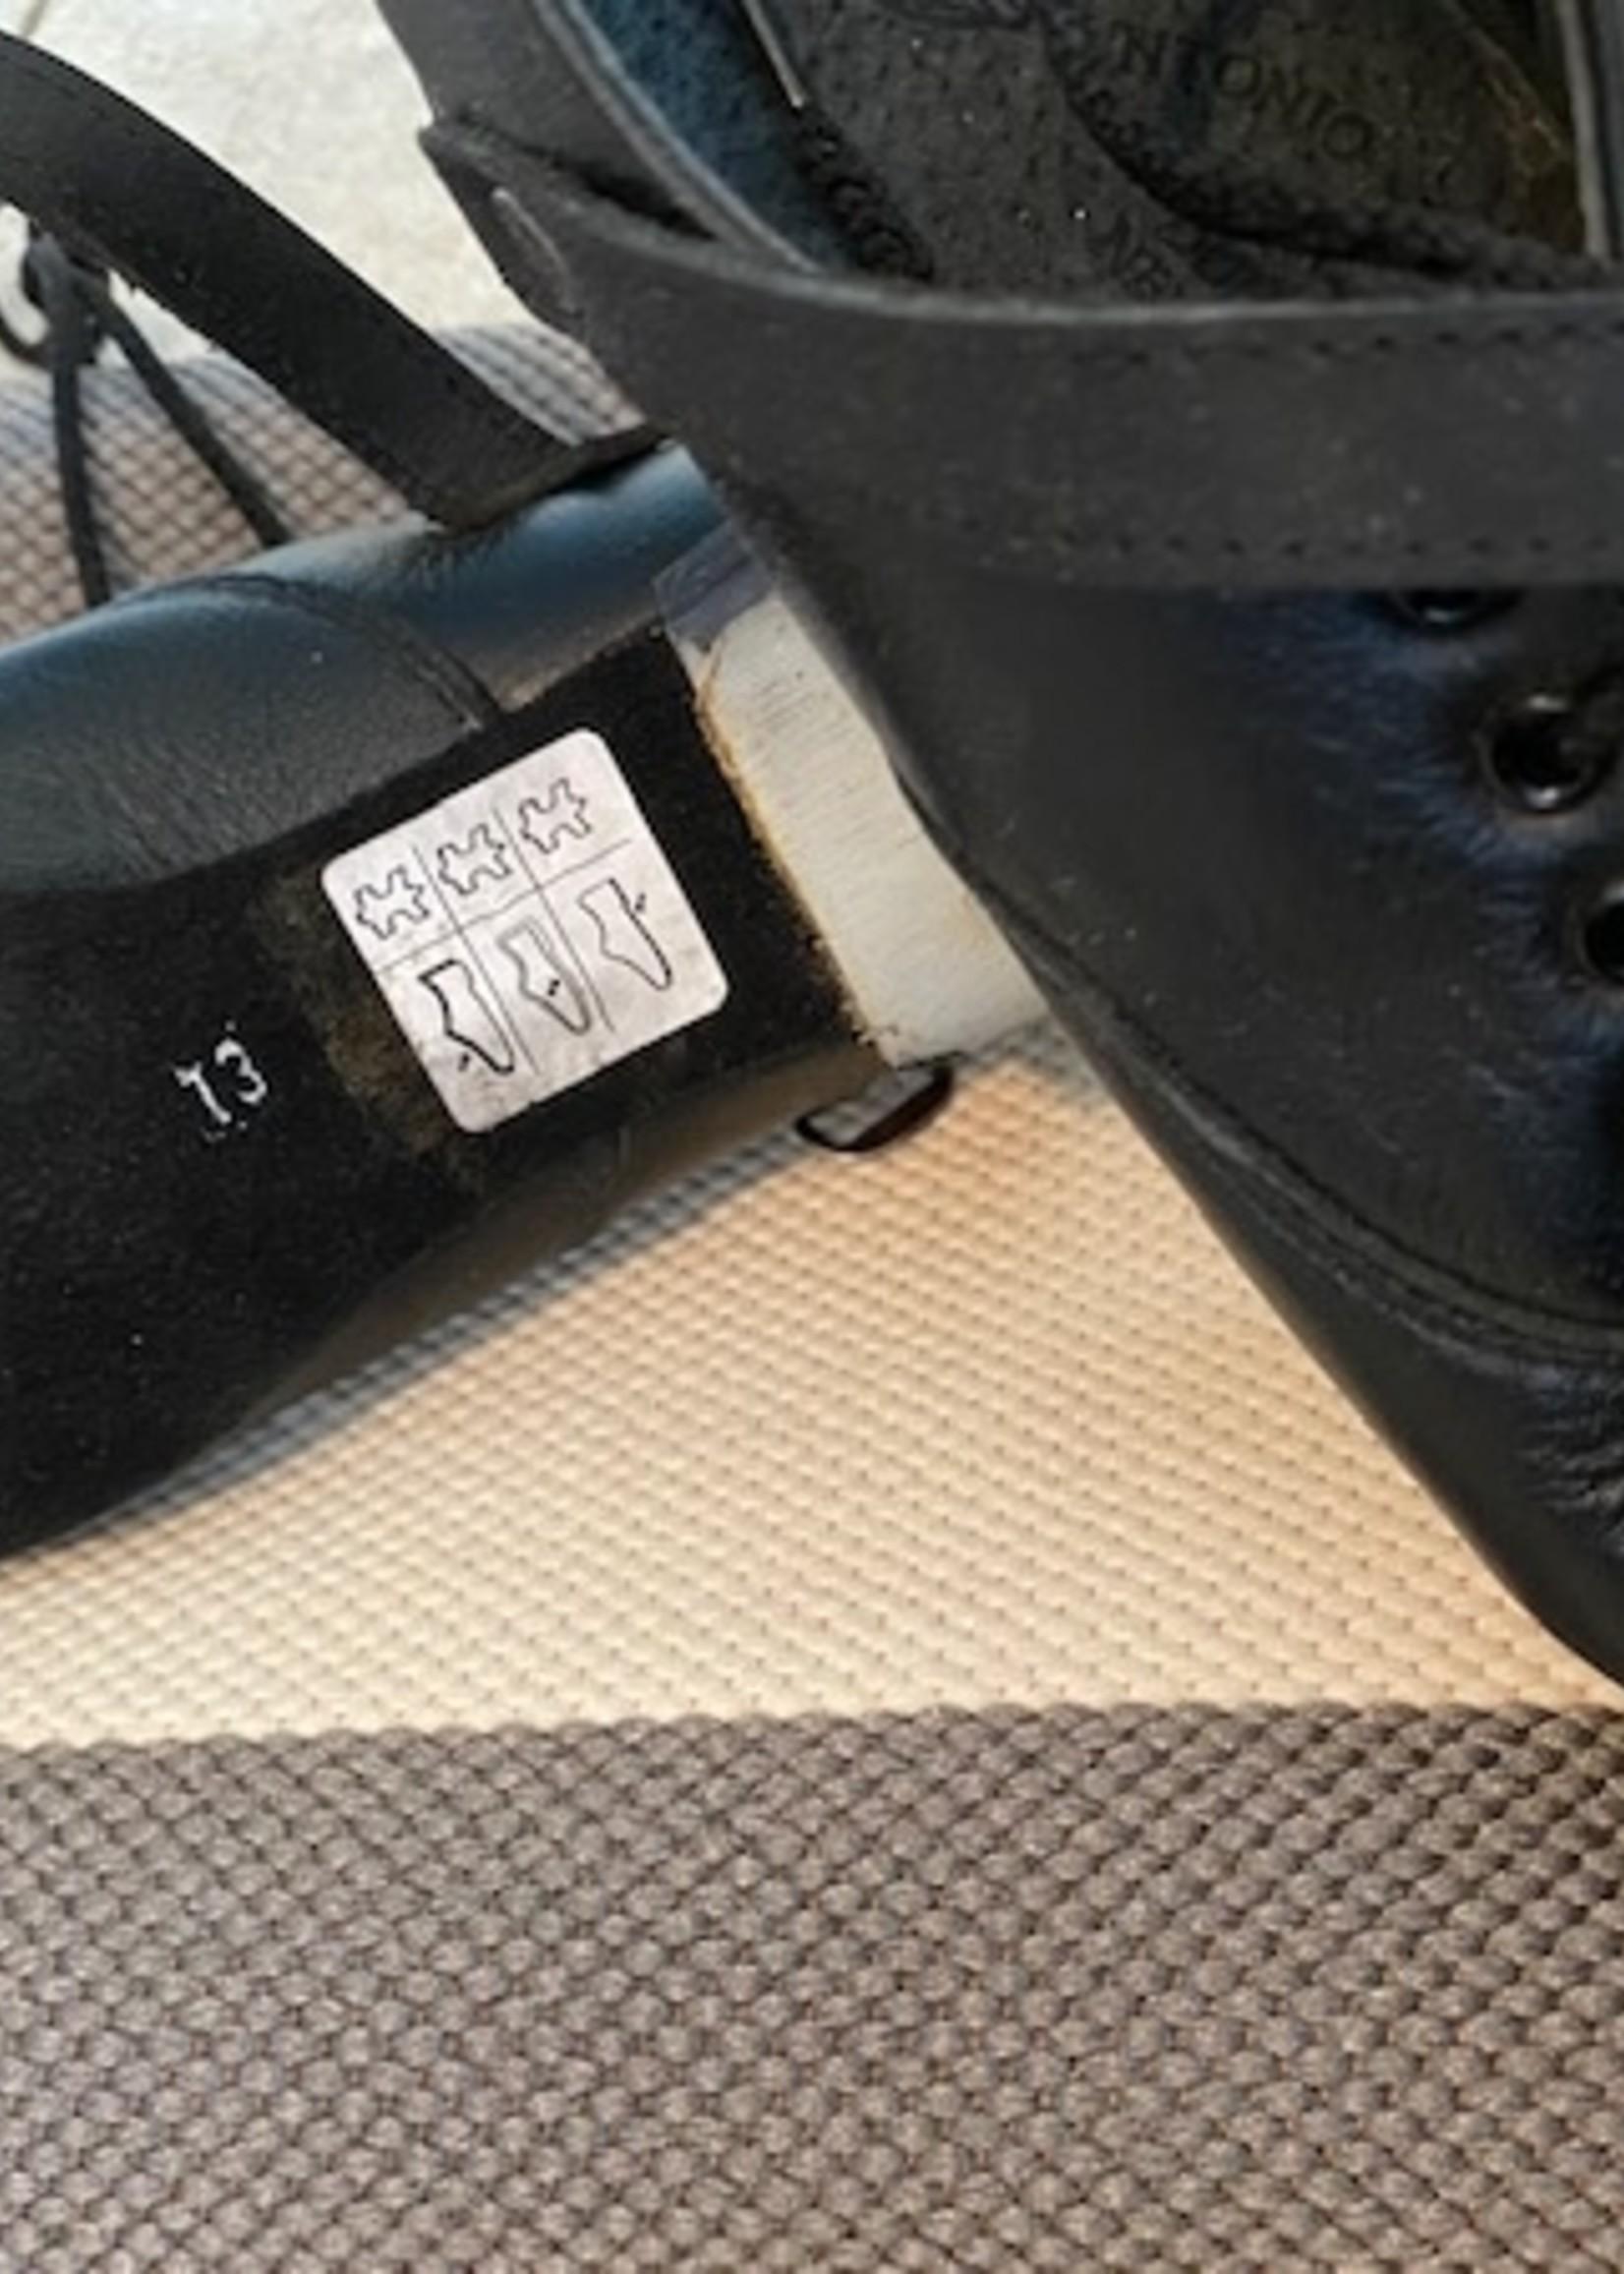 Utra Flexi jig shoe WIde - Concorde Tip & heel size 12.5